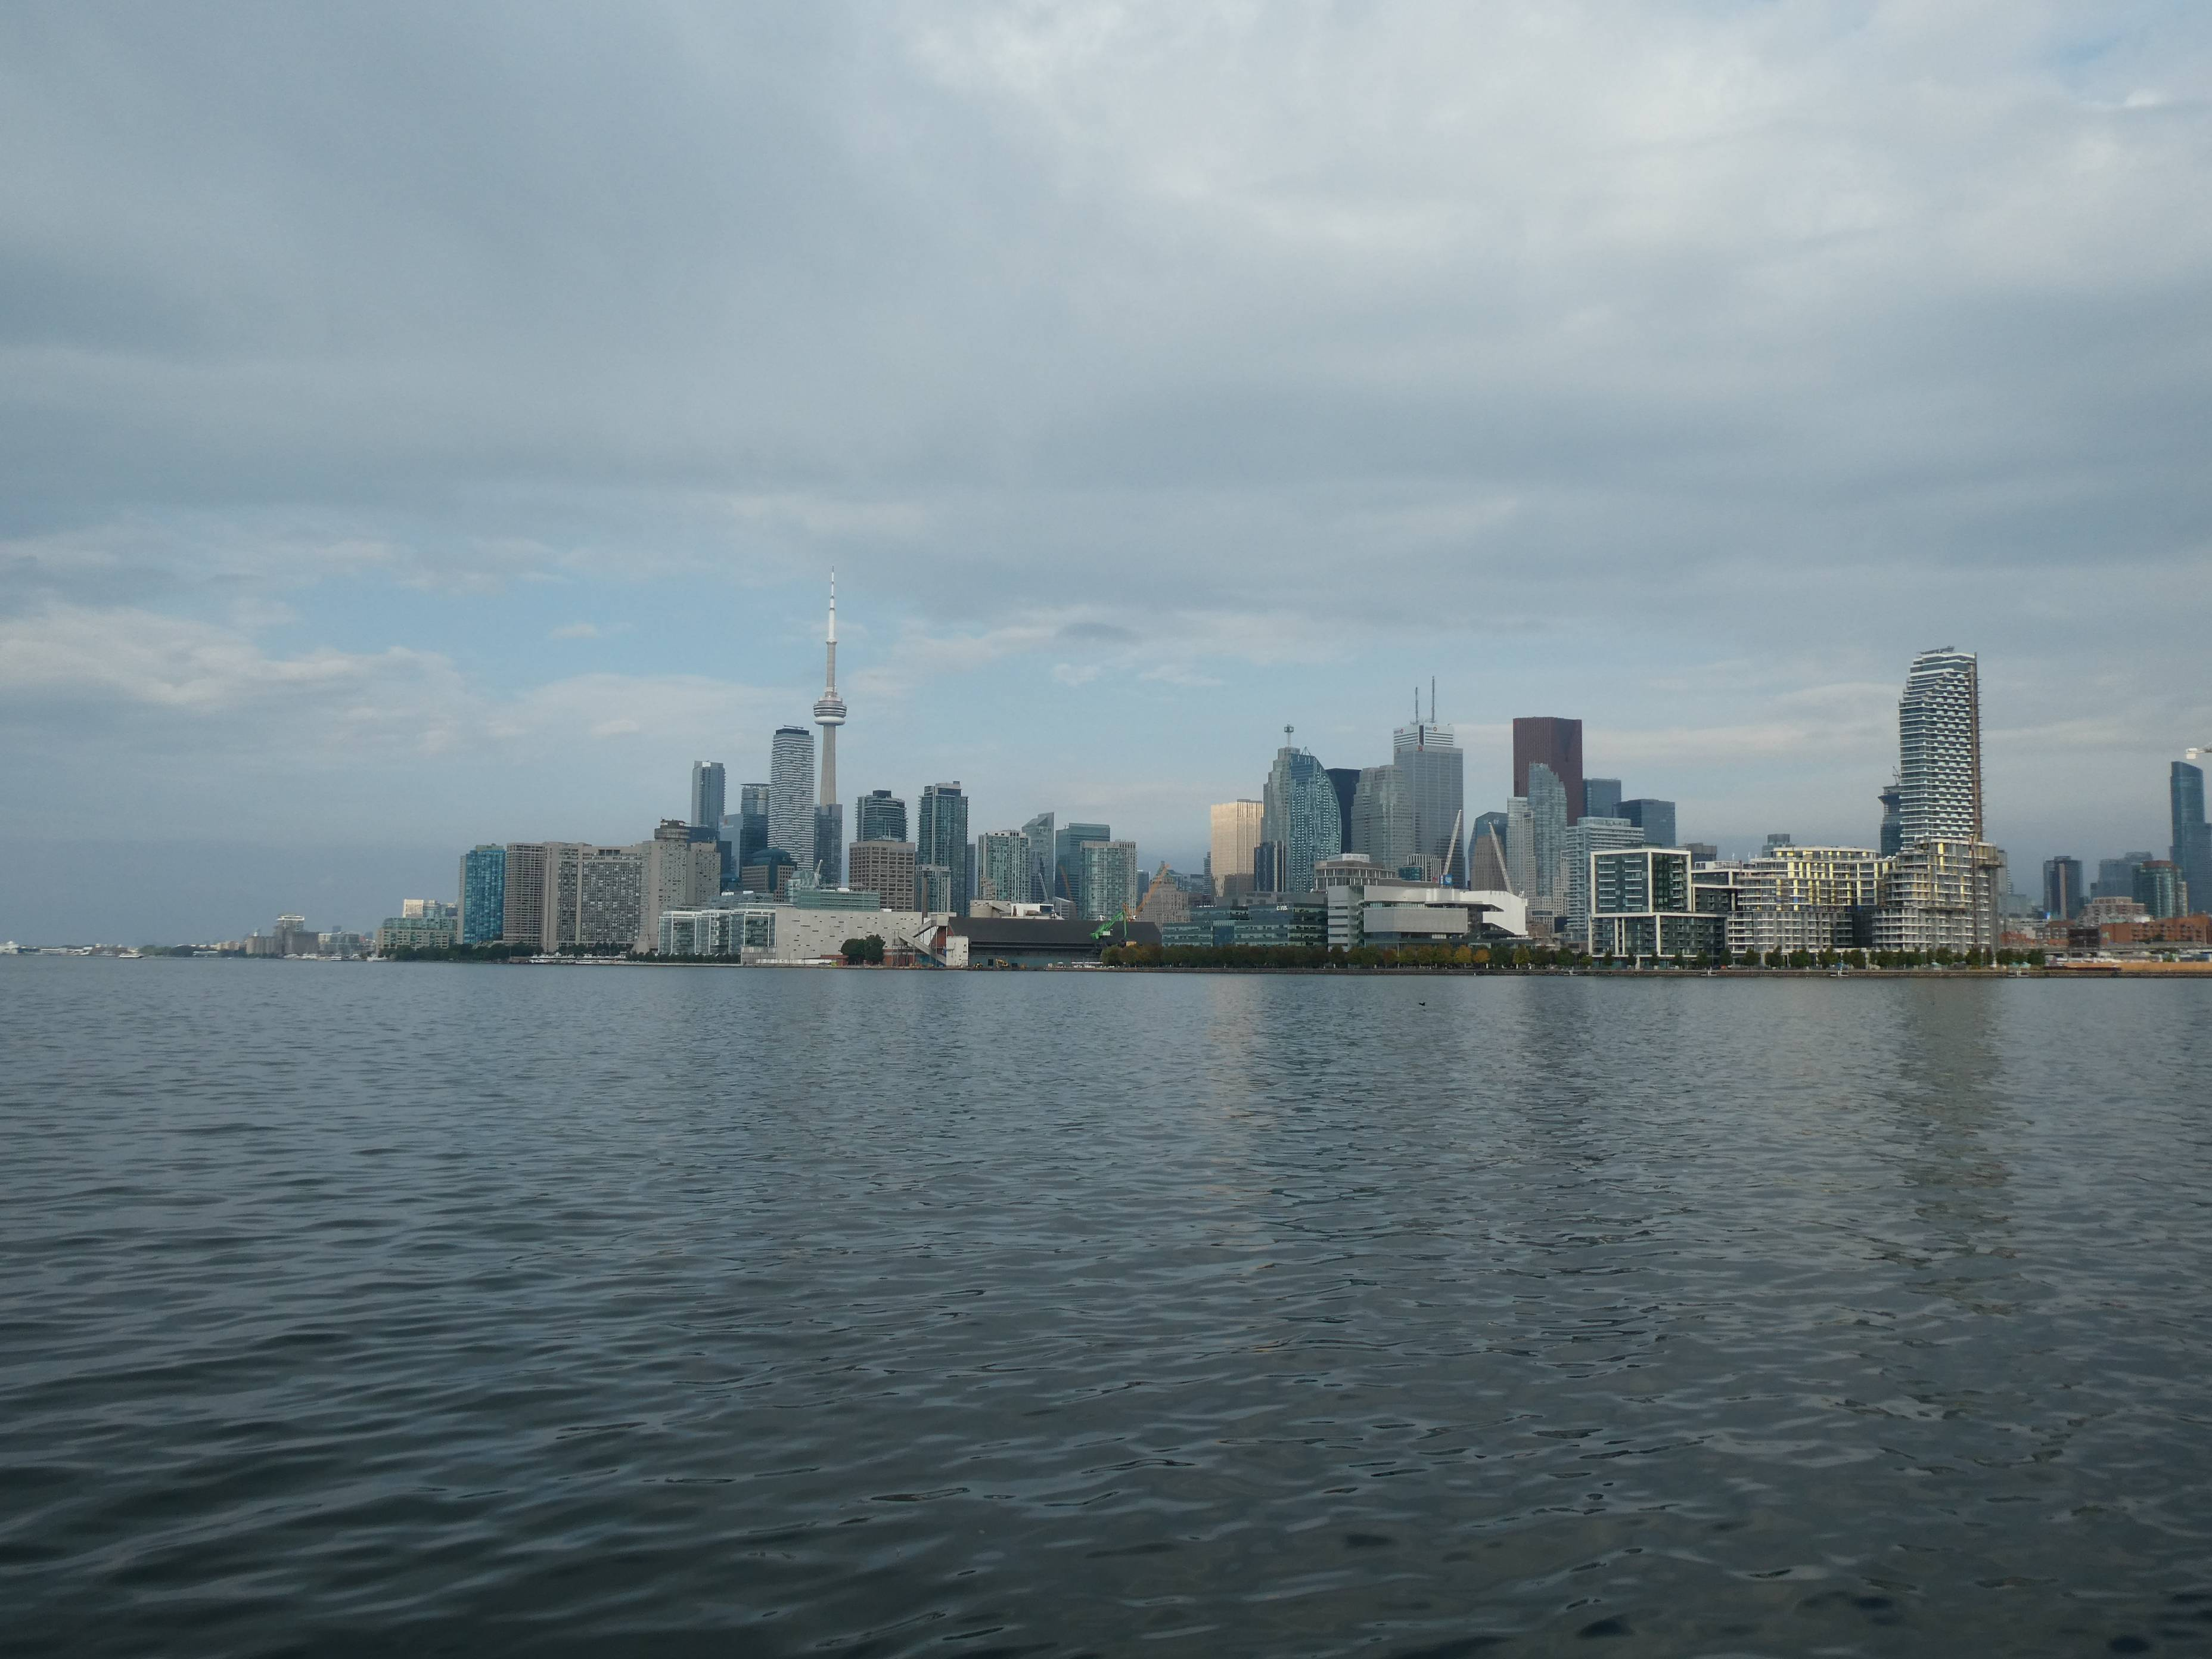 Photo 2: Toronto, Ontario, Canada